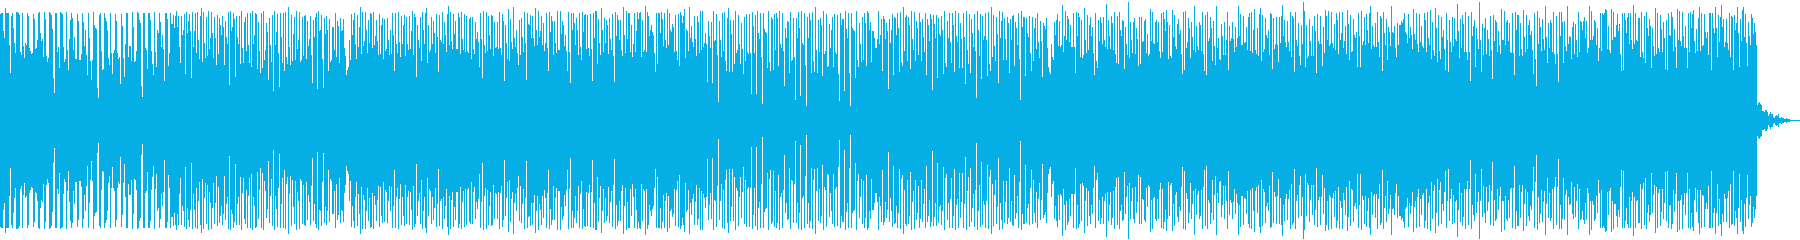 キラキラ。アパレル。ディスコ。2の再生済みの波形